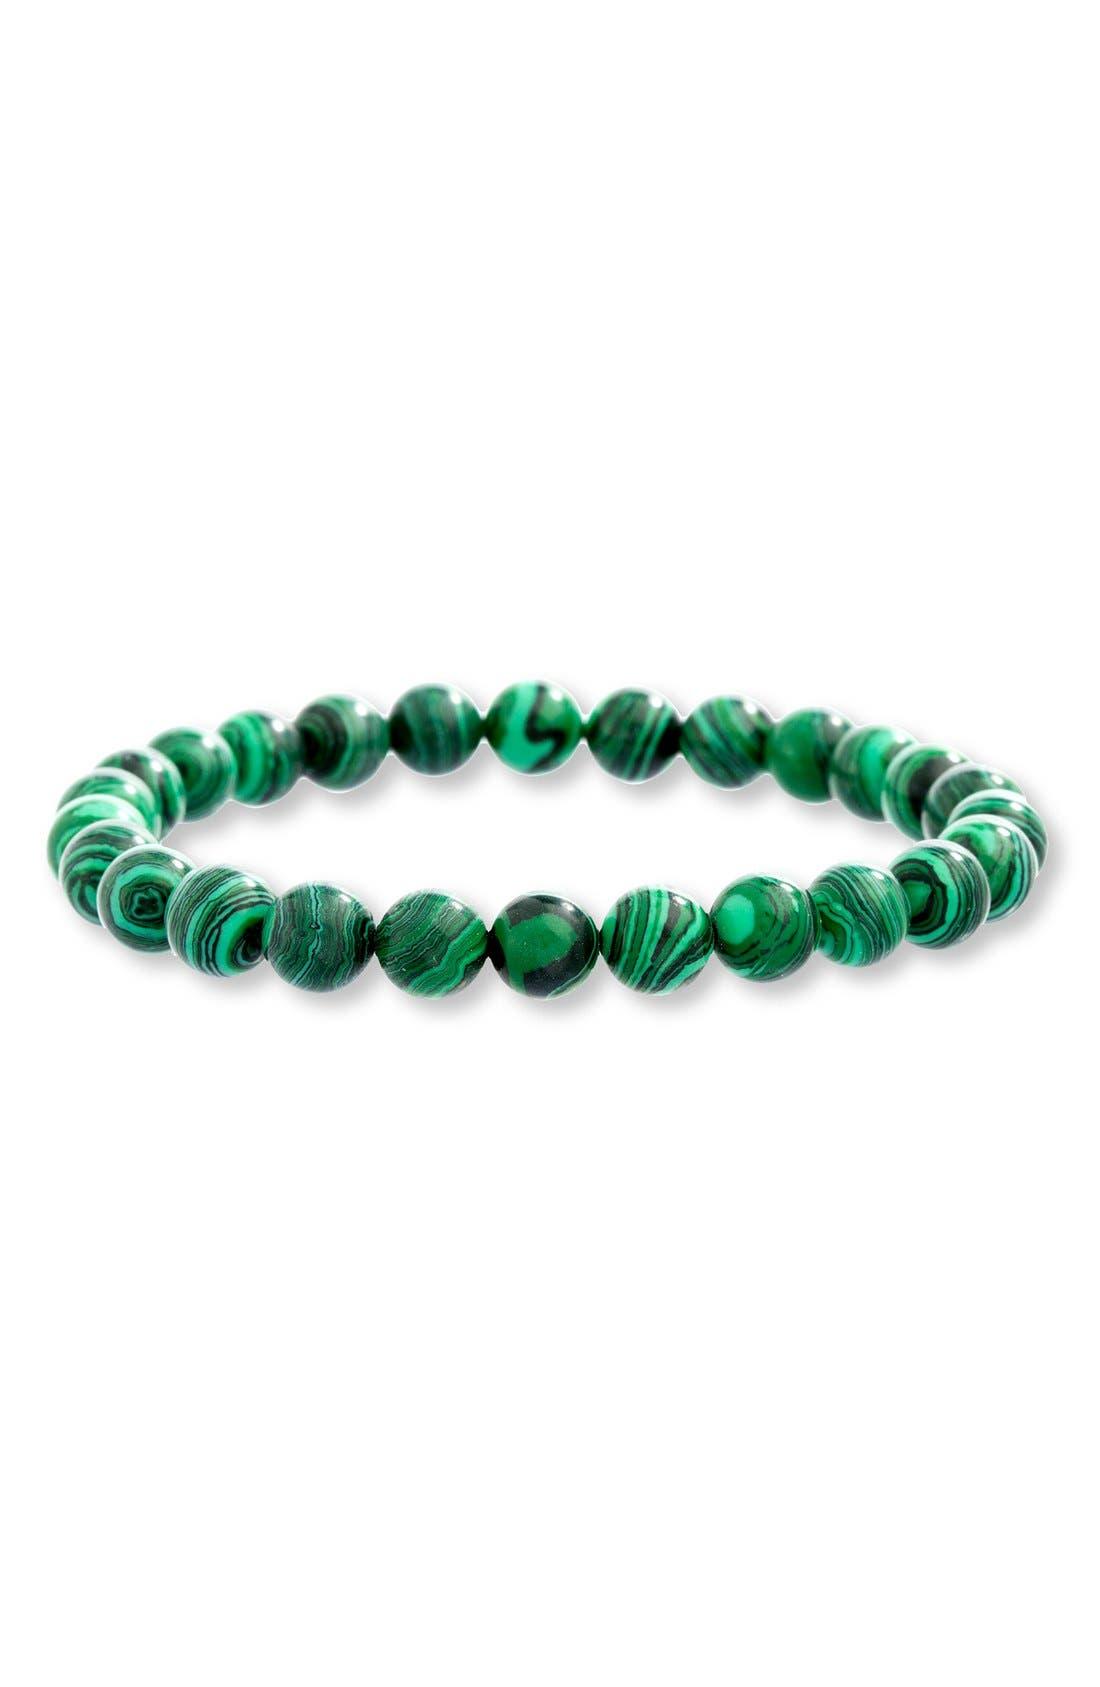 STEVE MADDEN Malachite Bead Bracelet